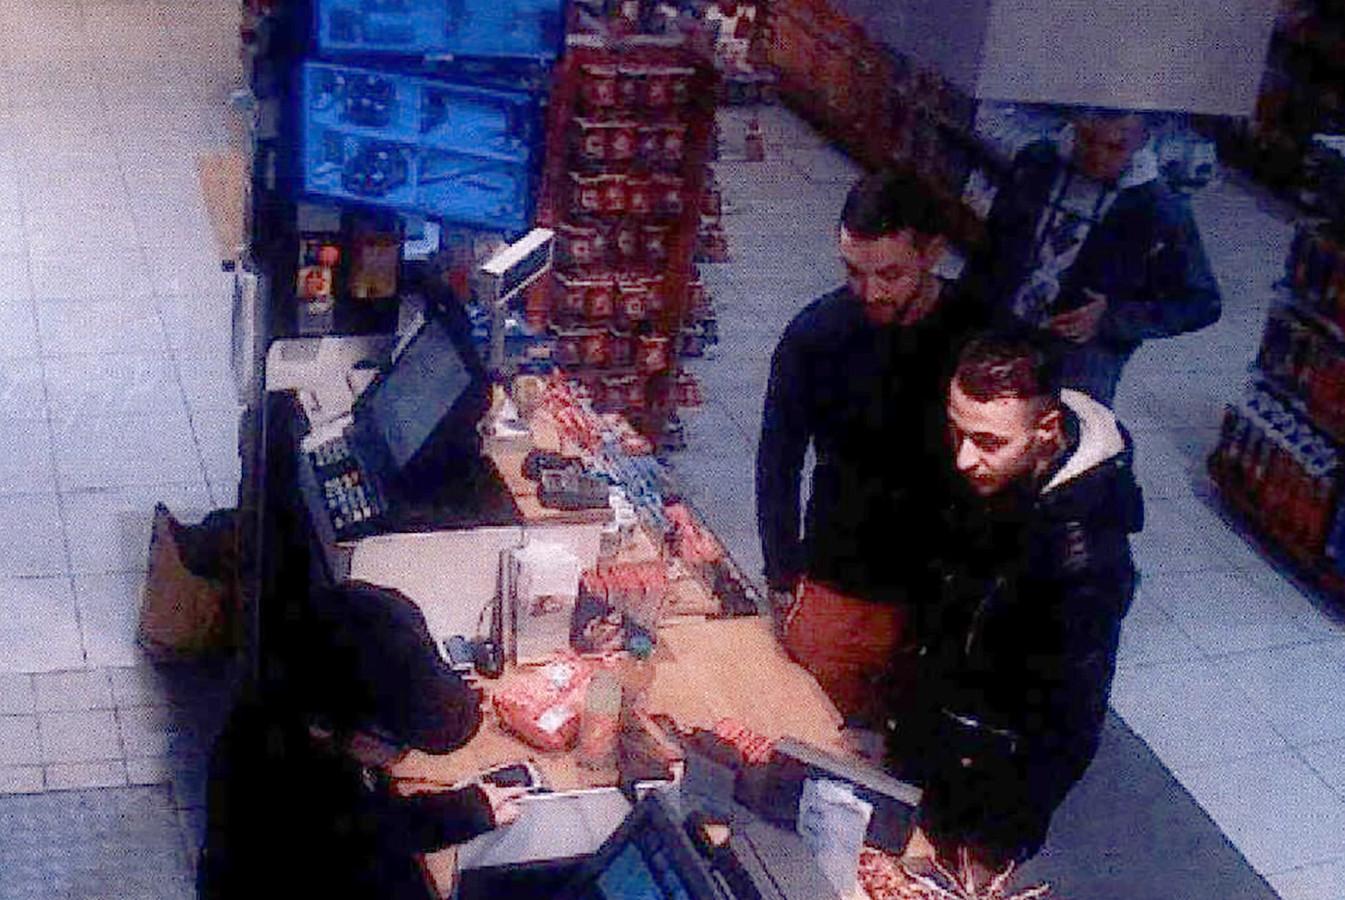 Salah Abdeslam en Mohammed Abrini samen in een tankstation twee dagen voor de aanslag in Parijs